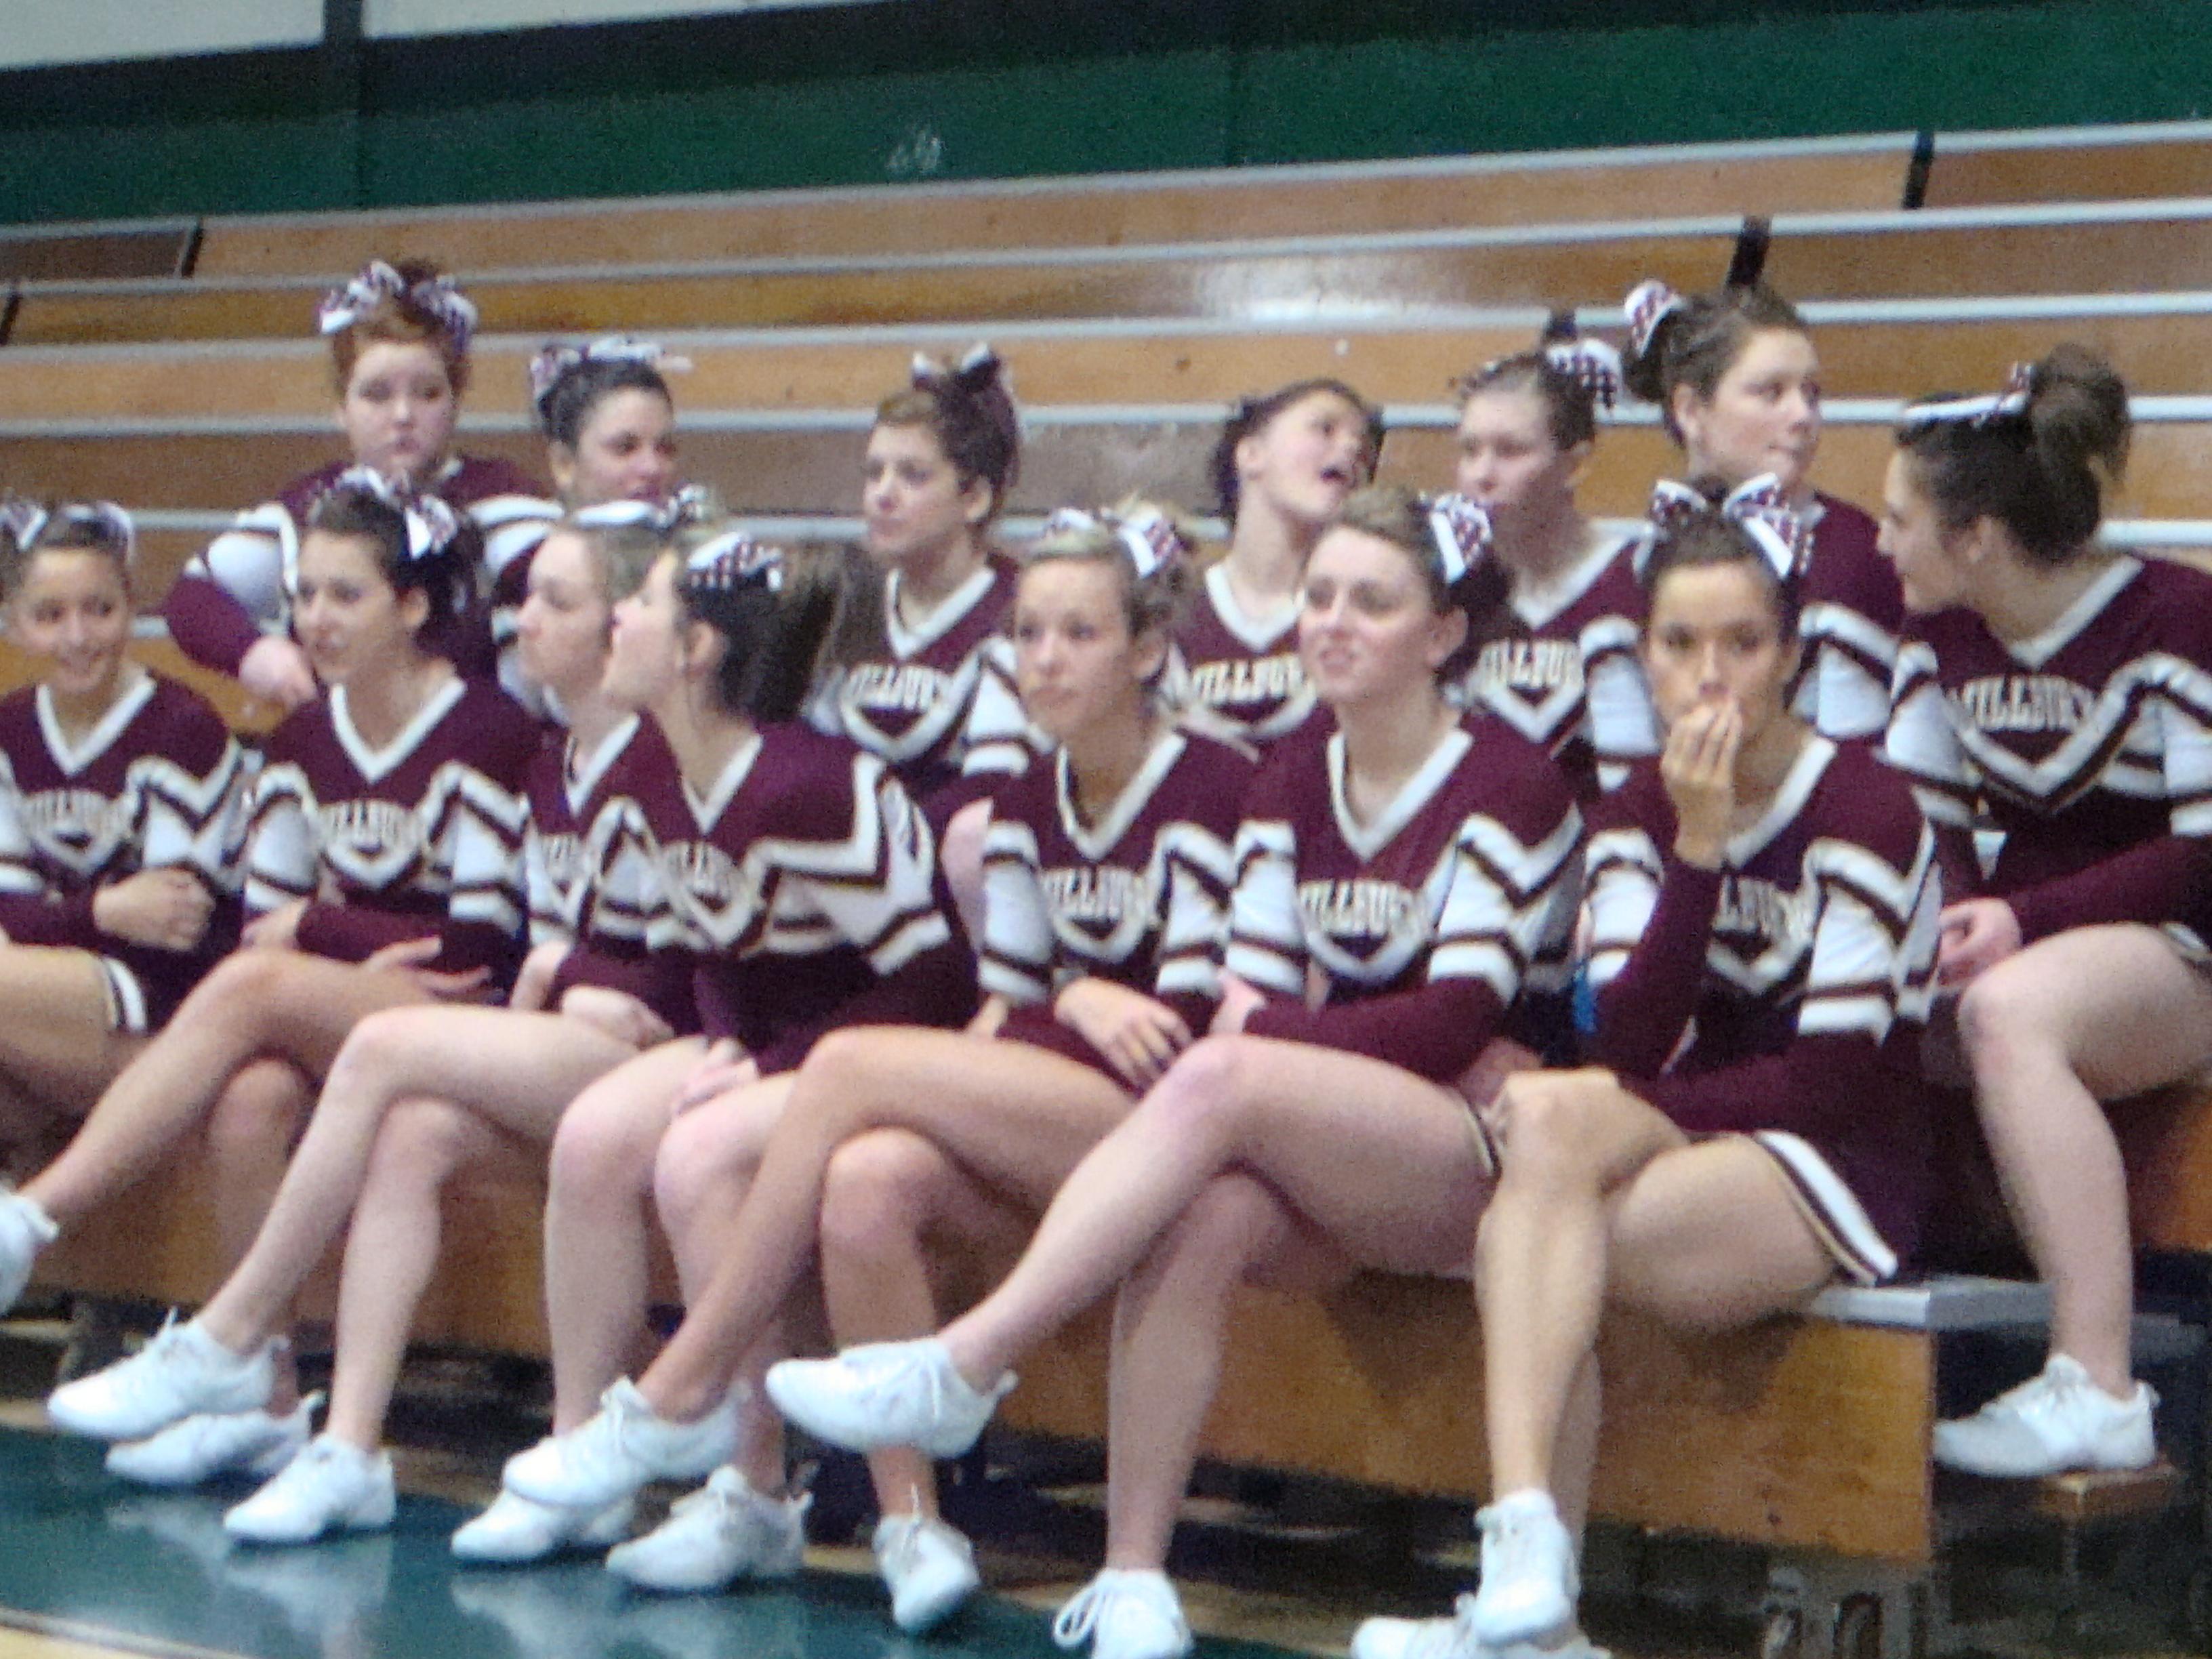 Junior High School Cheerleaders Candid - Hot Girls Wallpaper